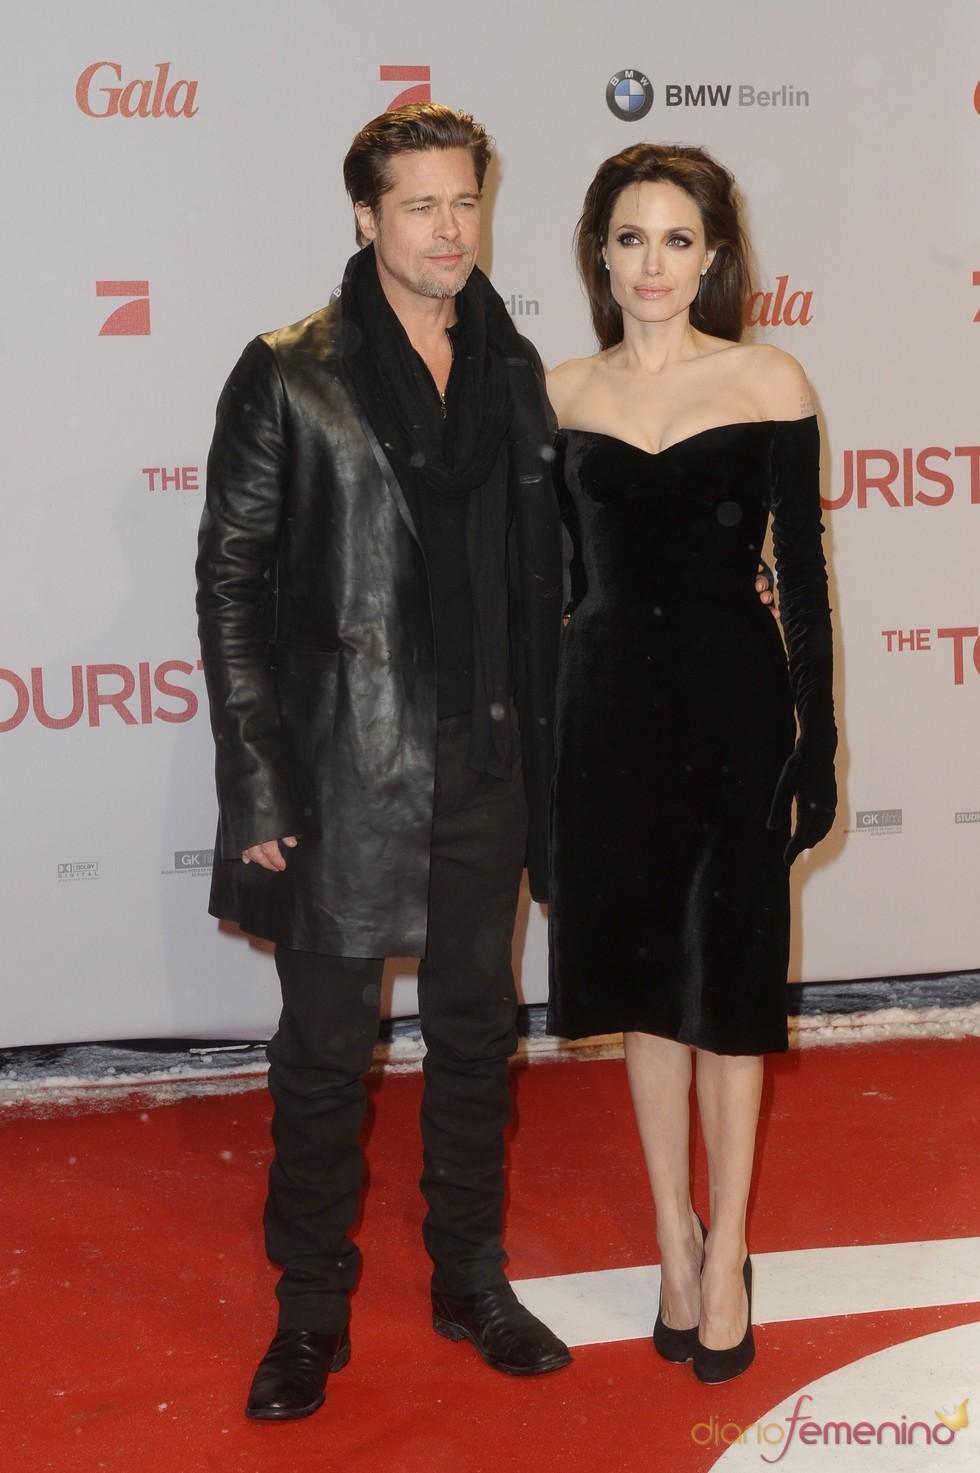 Brad Pitt siempre al lado de su chica